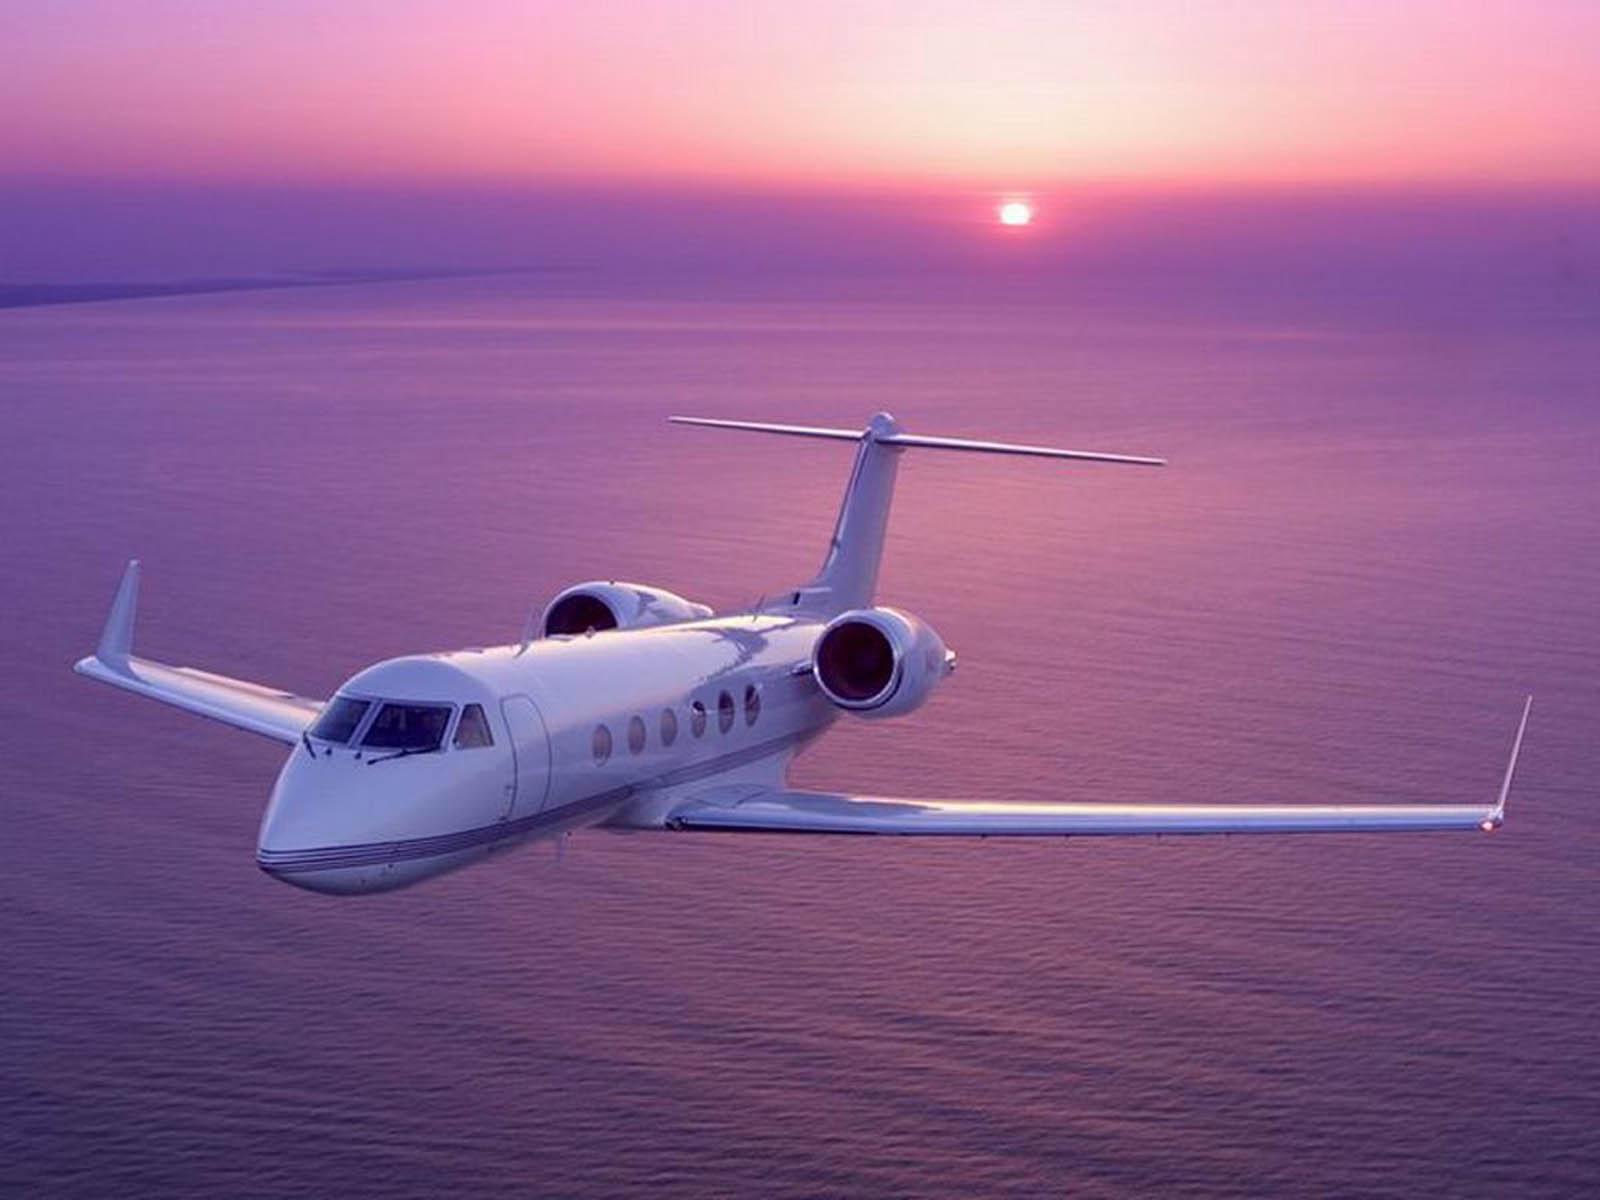 Wallpaper gulfstream v aircraft paos - Jet wallpaper ...